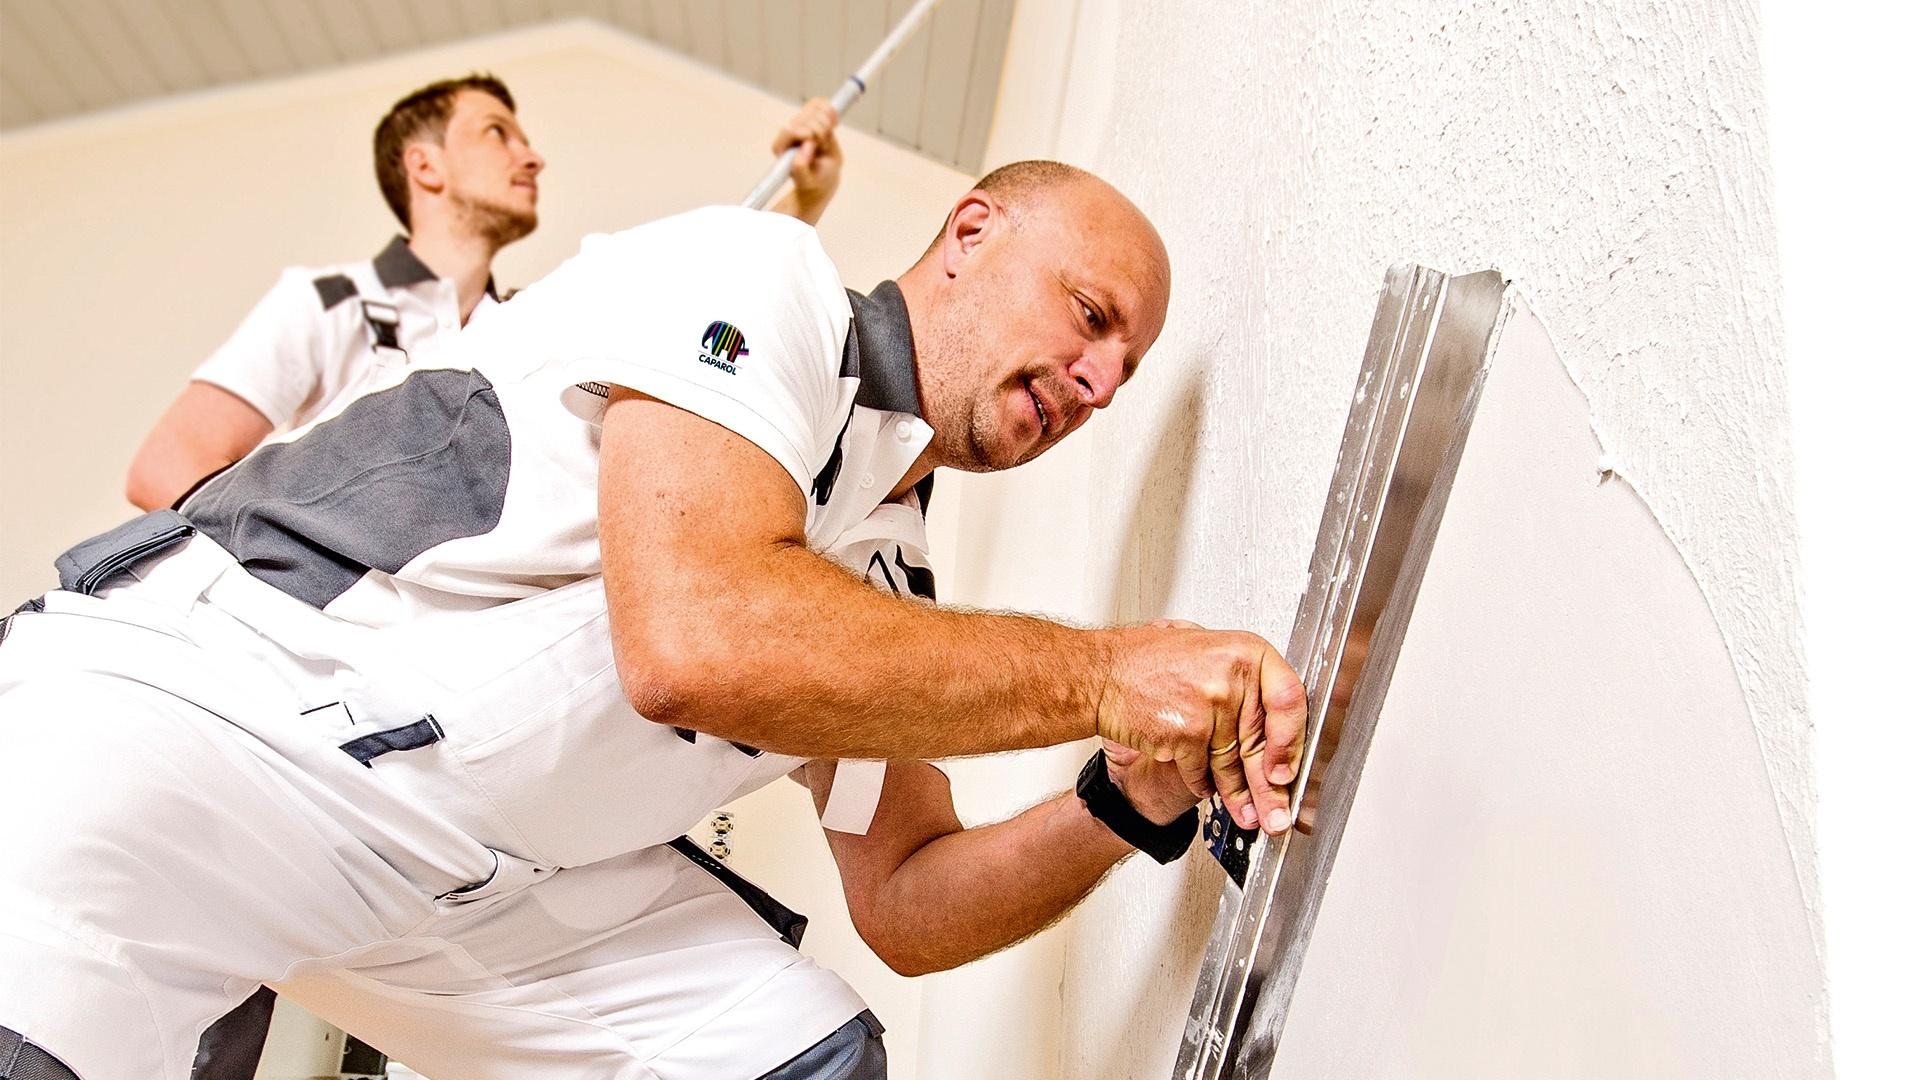 I passaggi corretti per la rasatura di pareti in cartongesso